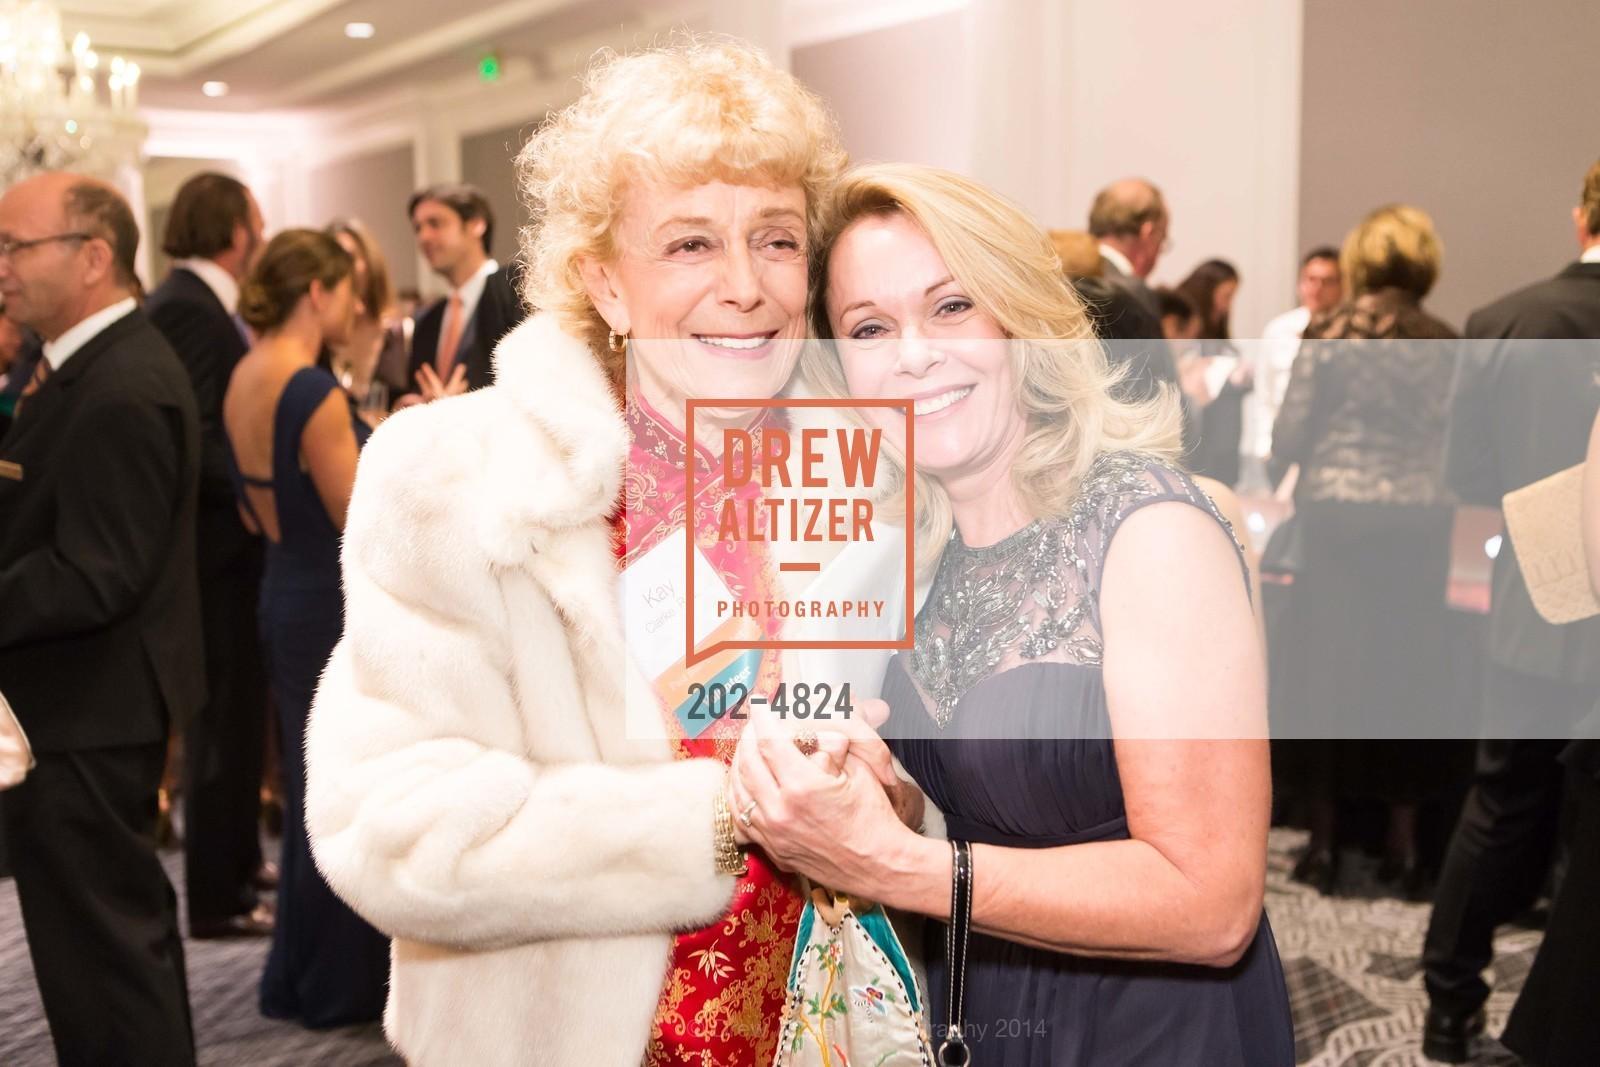 Kay Clarke, Tina Cerruti, Photo #202-4824